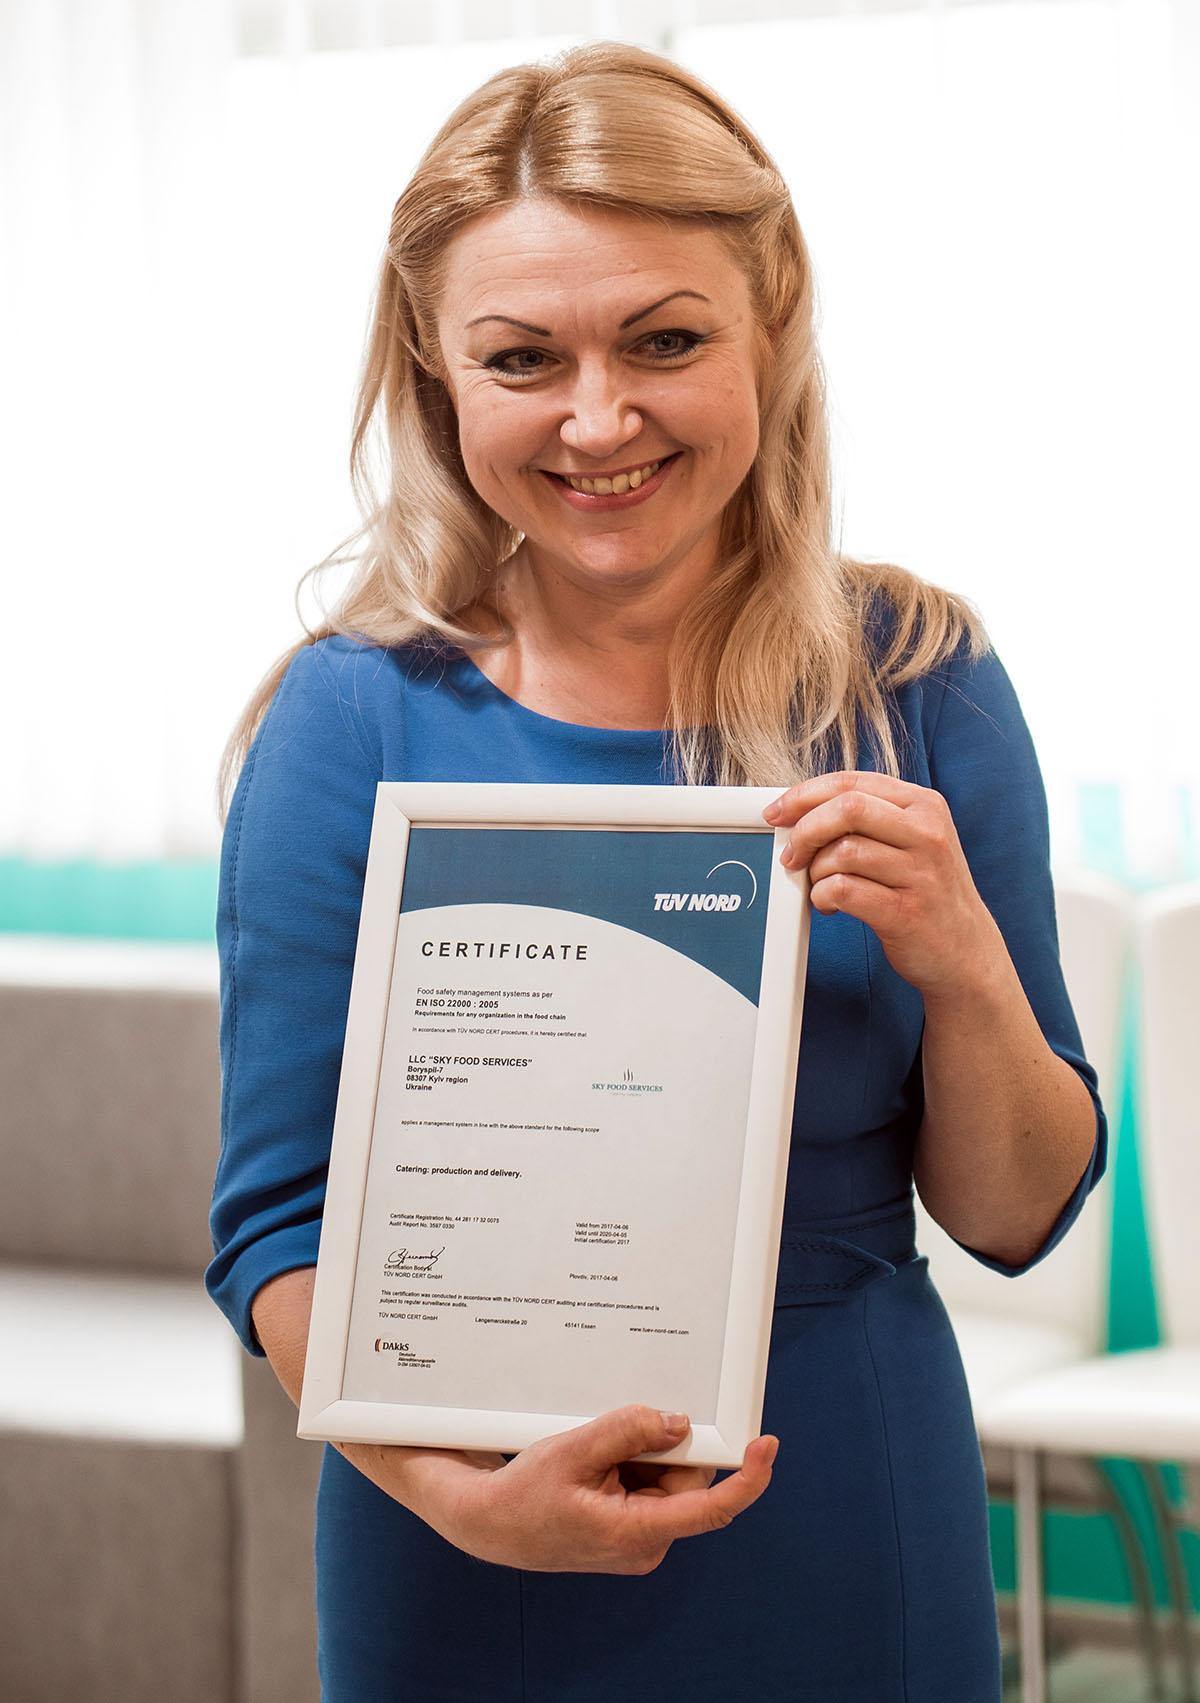 C cертификатом гендиректор Наталья Ямпольская на седьмом небе от счастья!